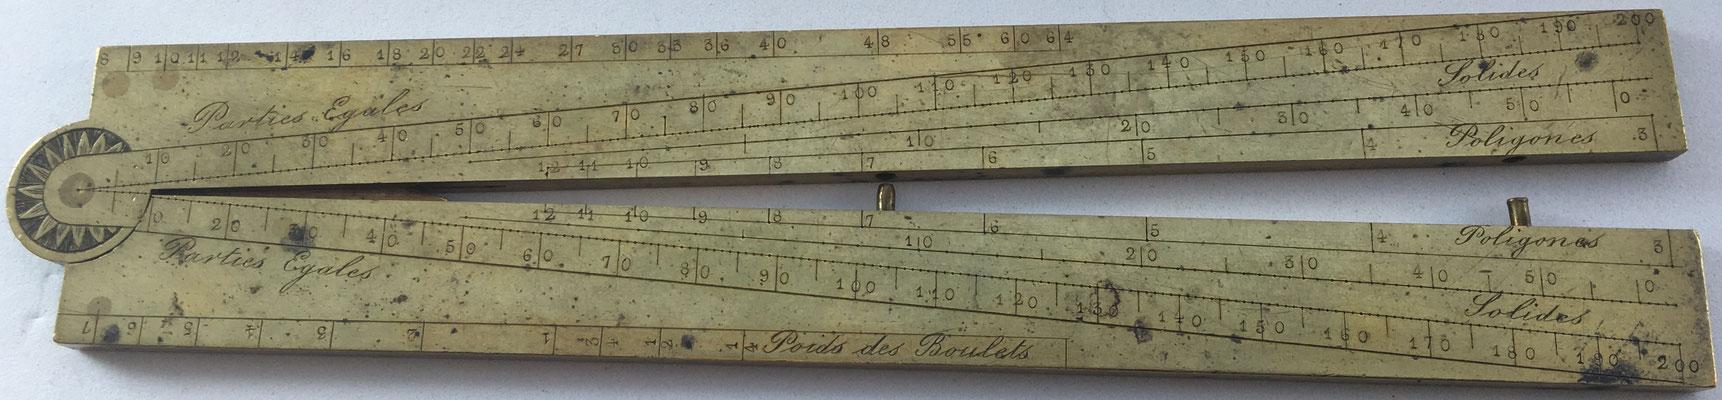 Sector o compás de proporción francés, para cálculos de artillería: línea de partes iguales, polígonos, línea de cuerdas, metales, pesos de tiro y calibre de pistola, siglo XIX, 16x3 cm,  (precio estimado: 400€)